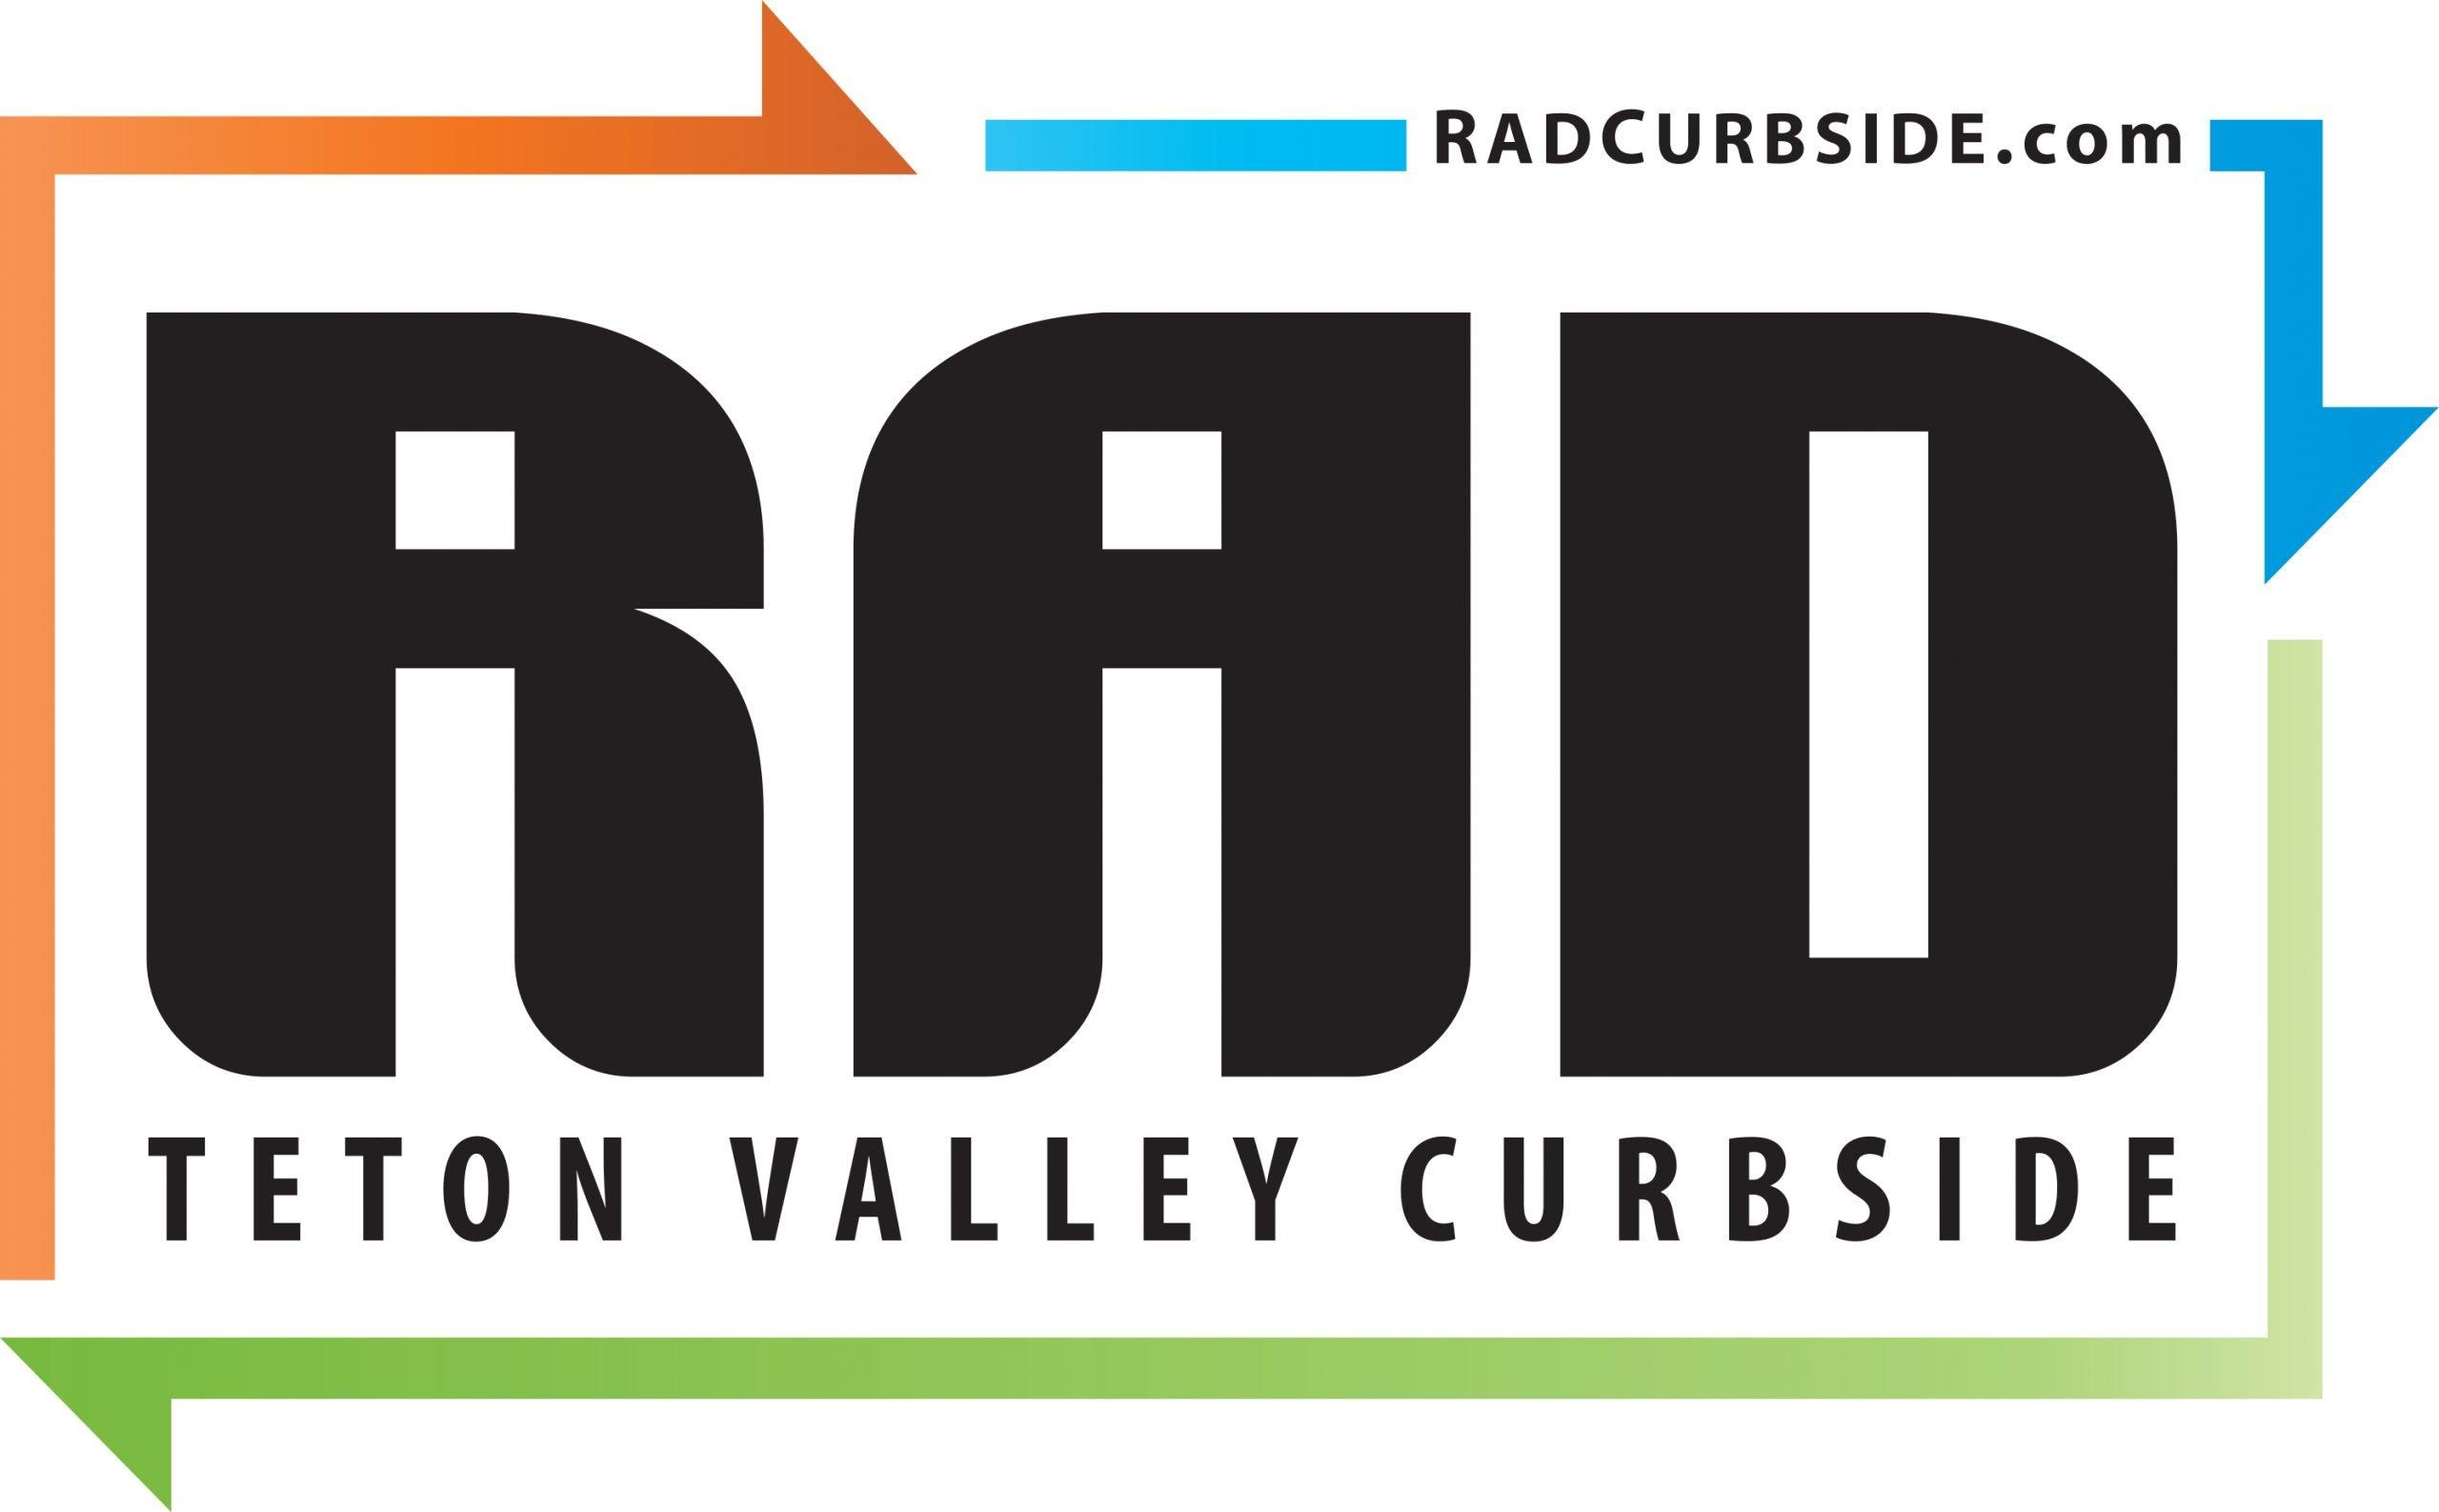 RAD Curbside